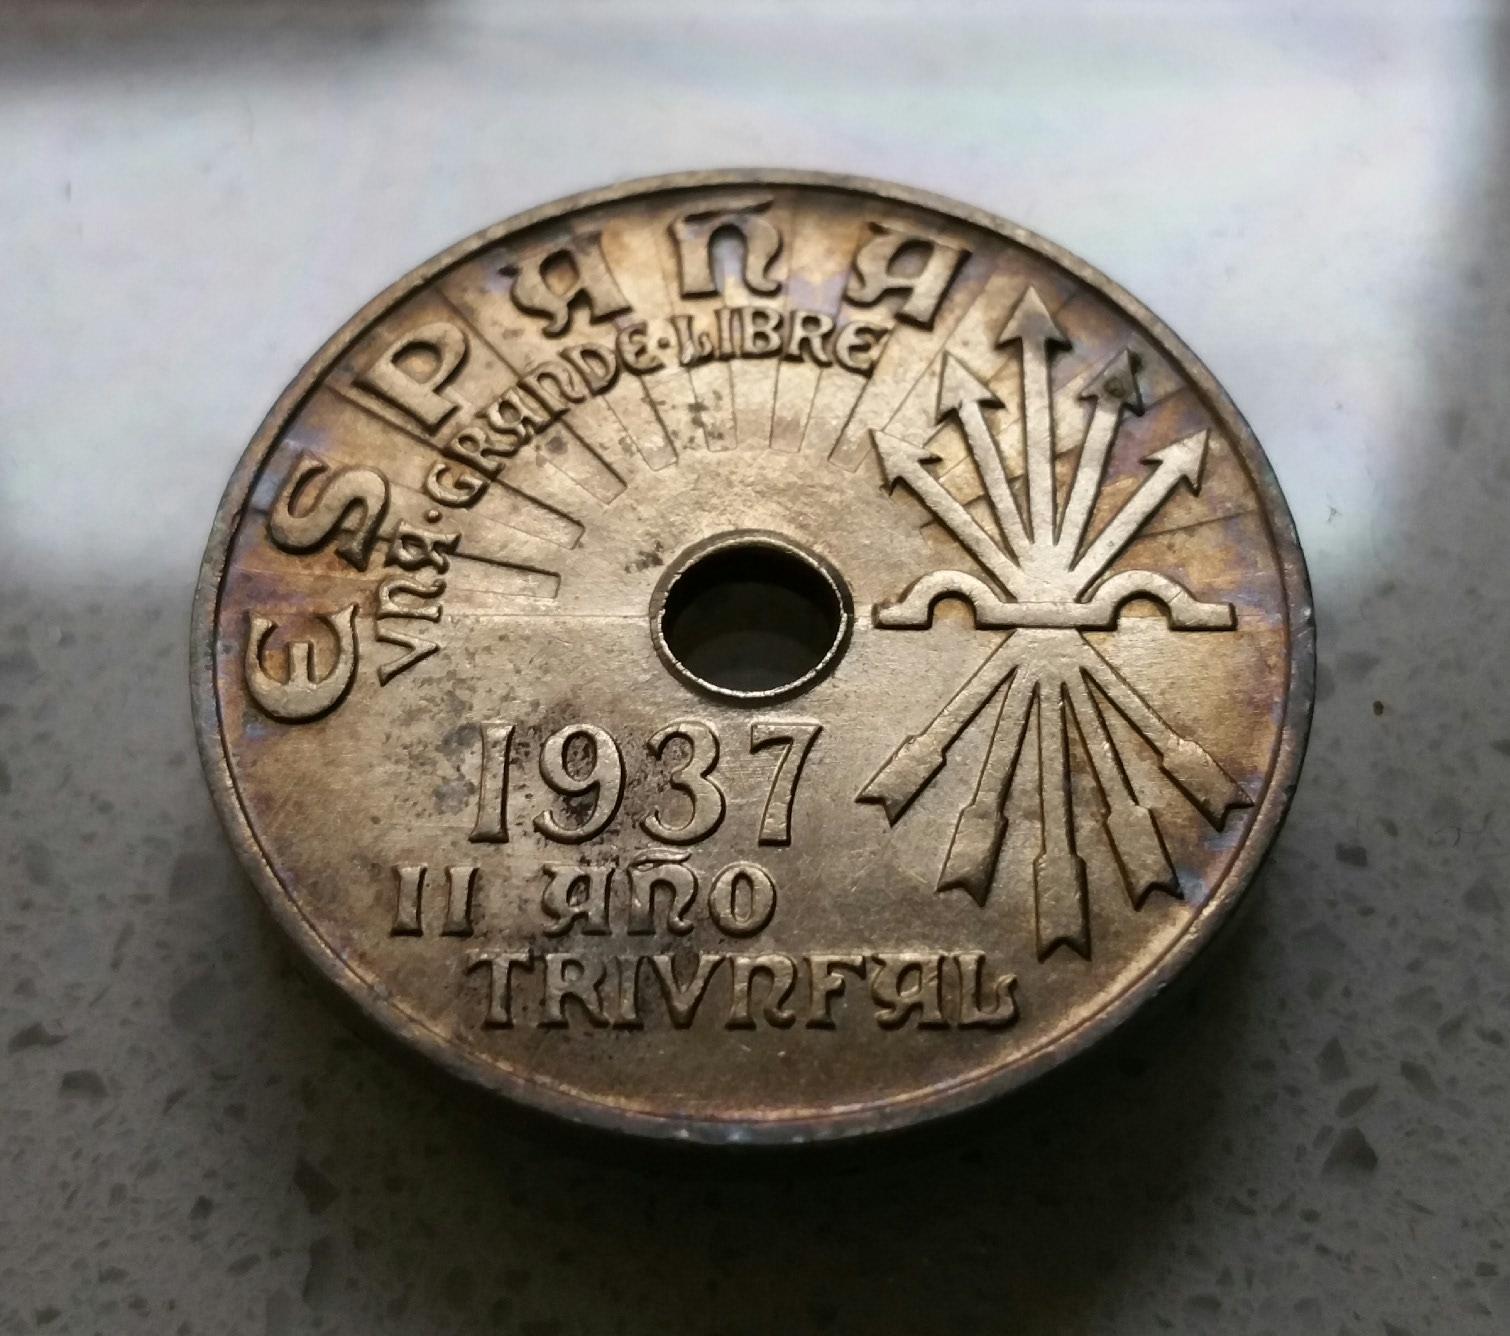 1925 - Serie completa 25 céntimos 1925, 1927, 1934 y 1937. B81y5y